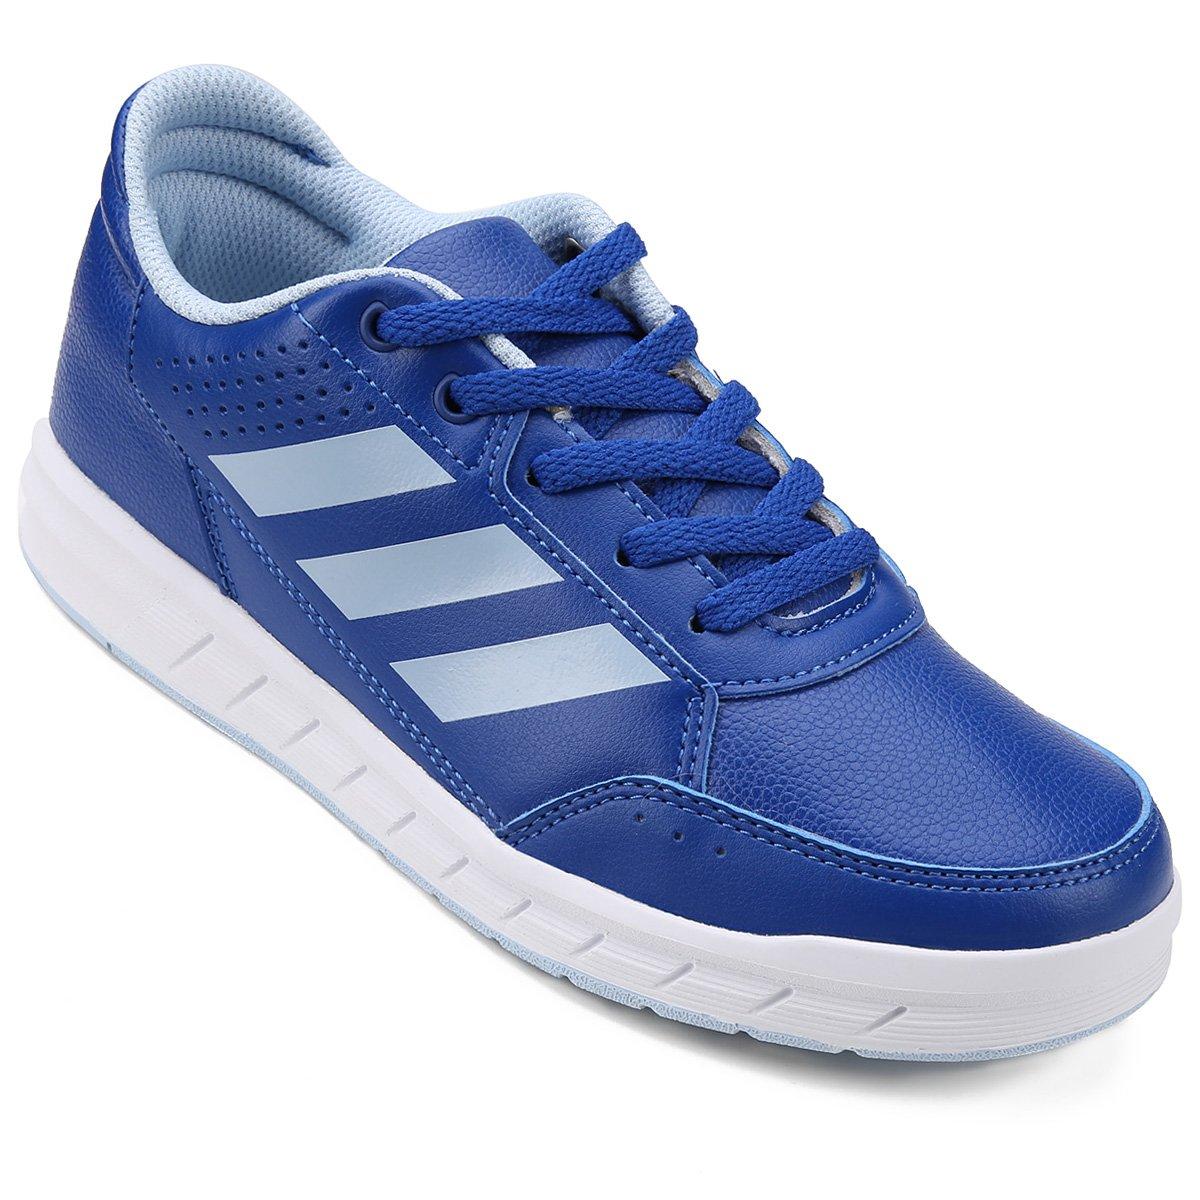 9de82529a89 Tênis Infantil Adidas Altasport K - Azul e Branco - Compre Agora ...